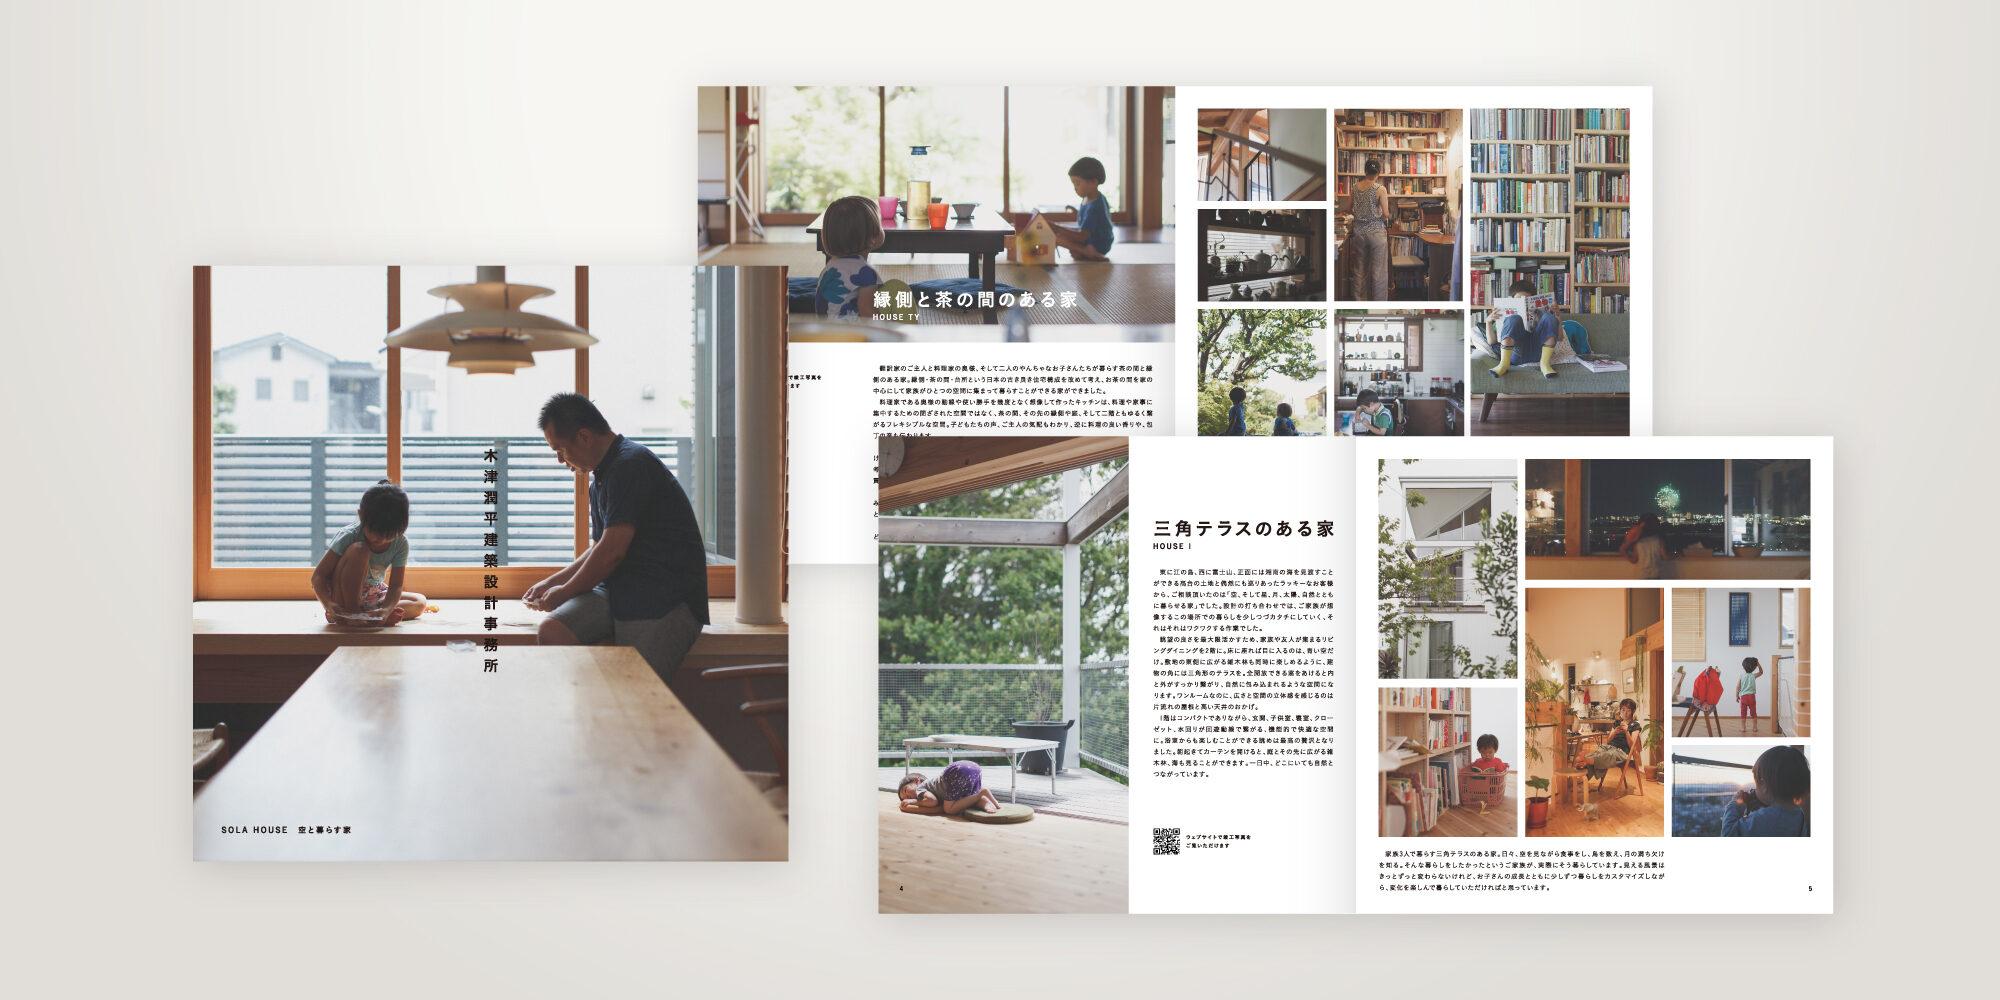 藤沢市 一級建築士事務所 木津潤平建築設計事務所様 ホームページ制作/パンフレットデイザン